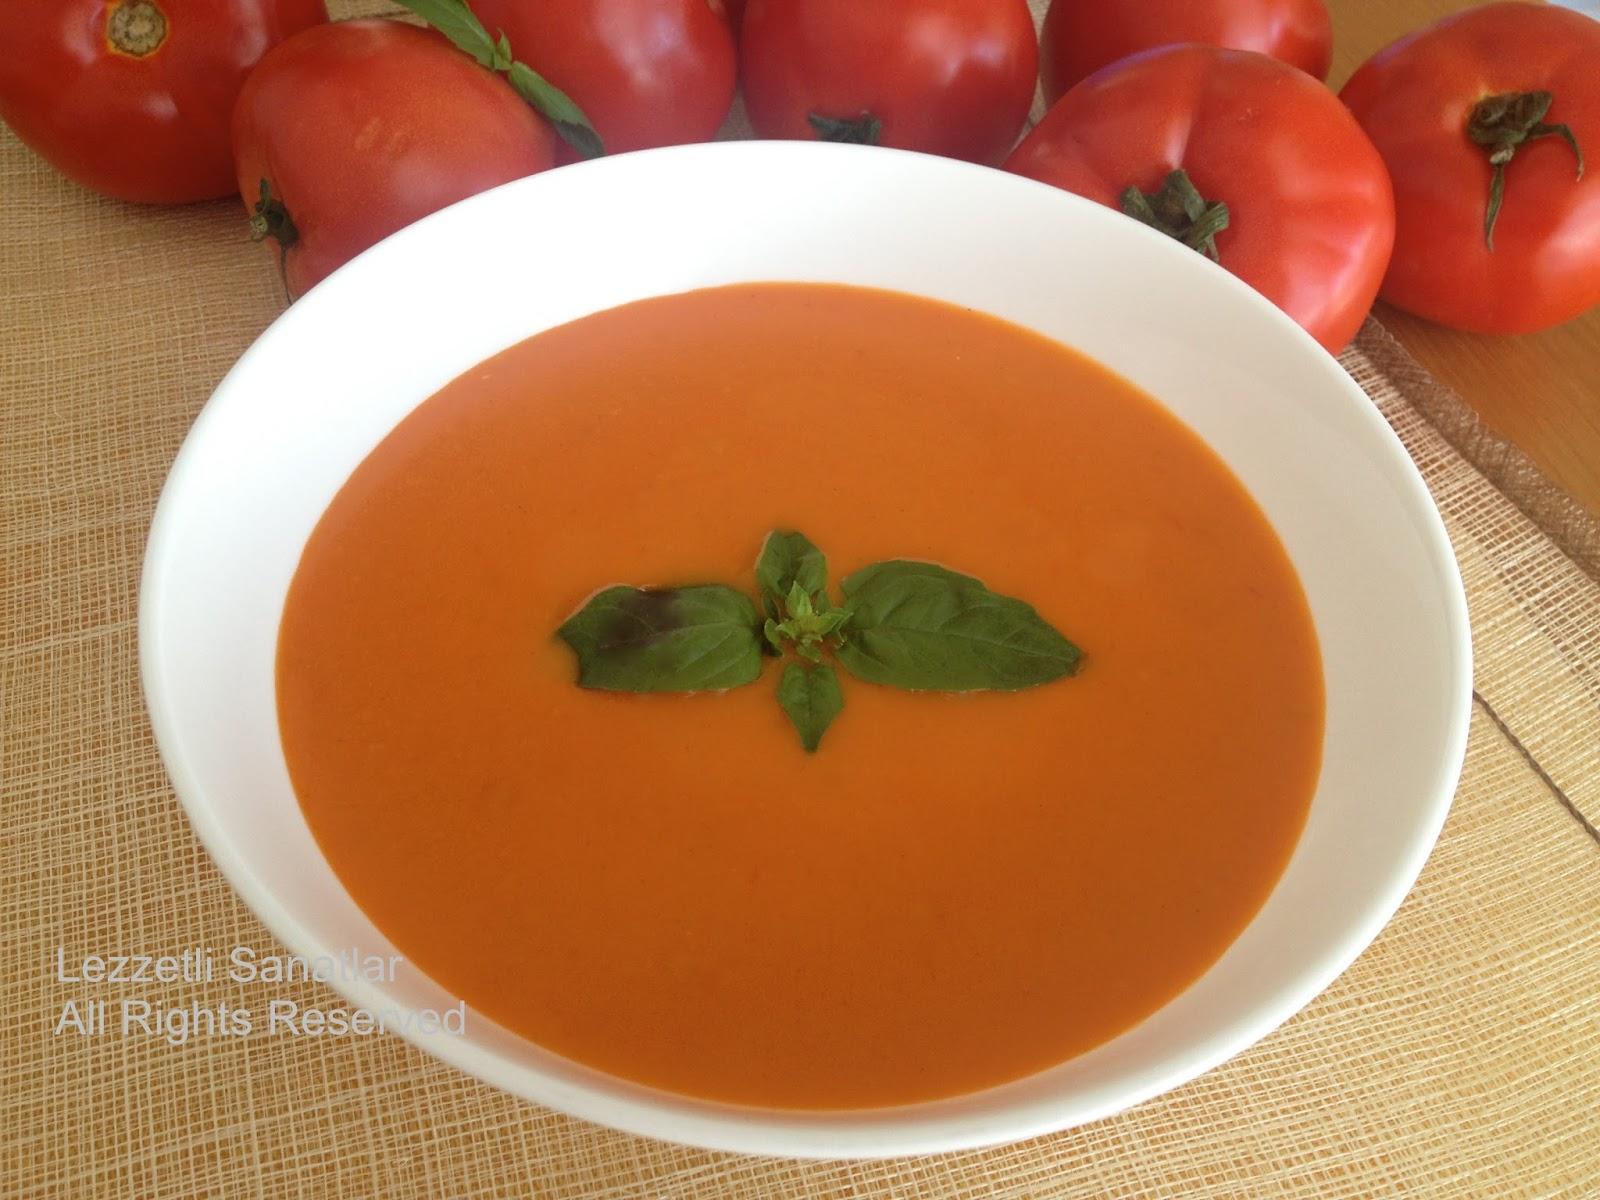 Közlenmiş domates çorbası nasıl yapılır